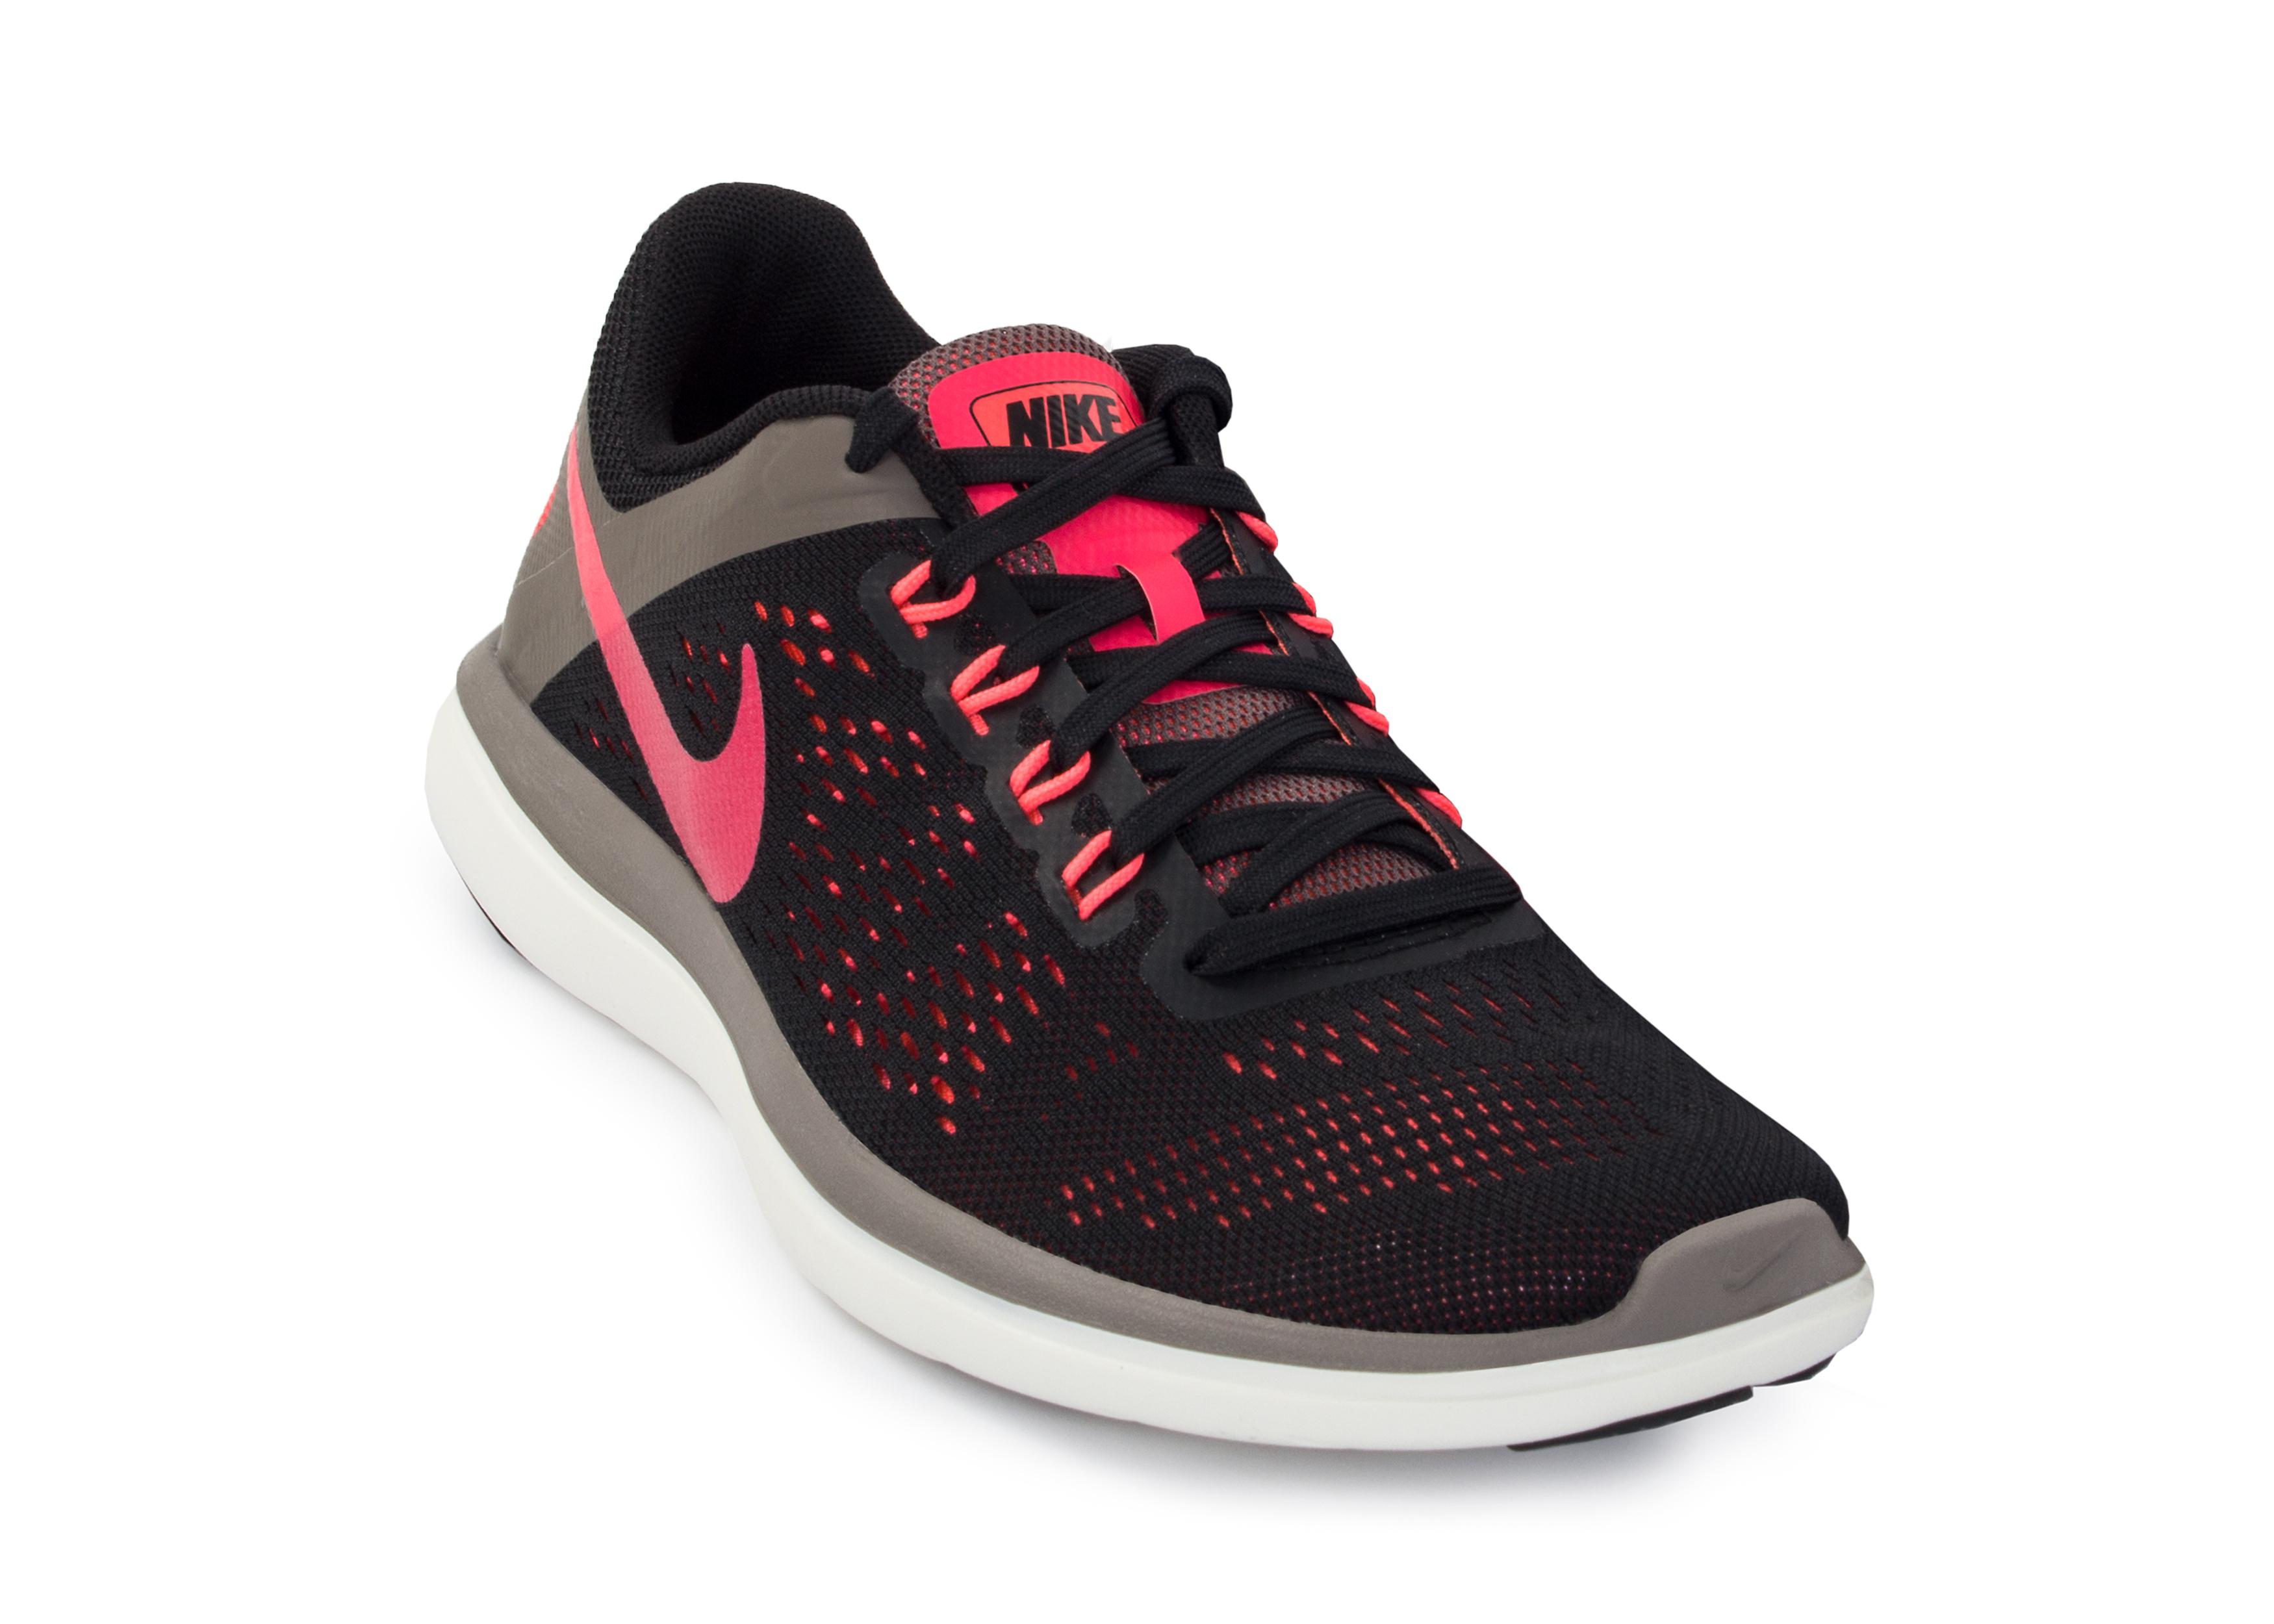 9eda163c15d Кроссовки женские Nike Flex 2016 RN - Сеть спортивных магазинов Чемпион